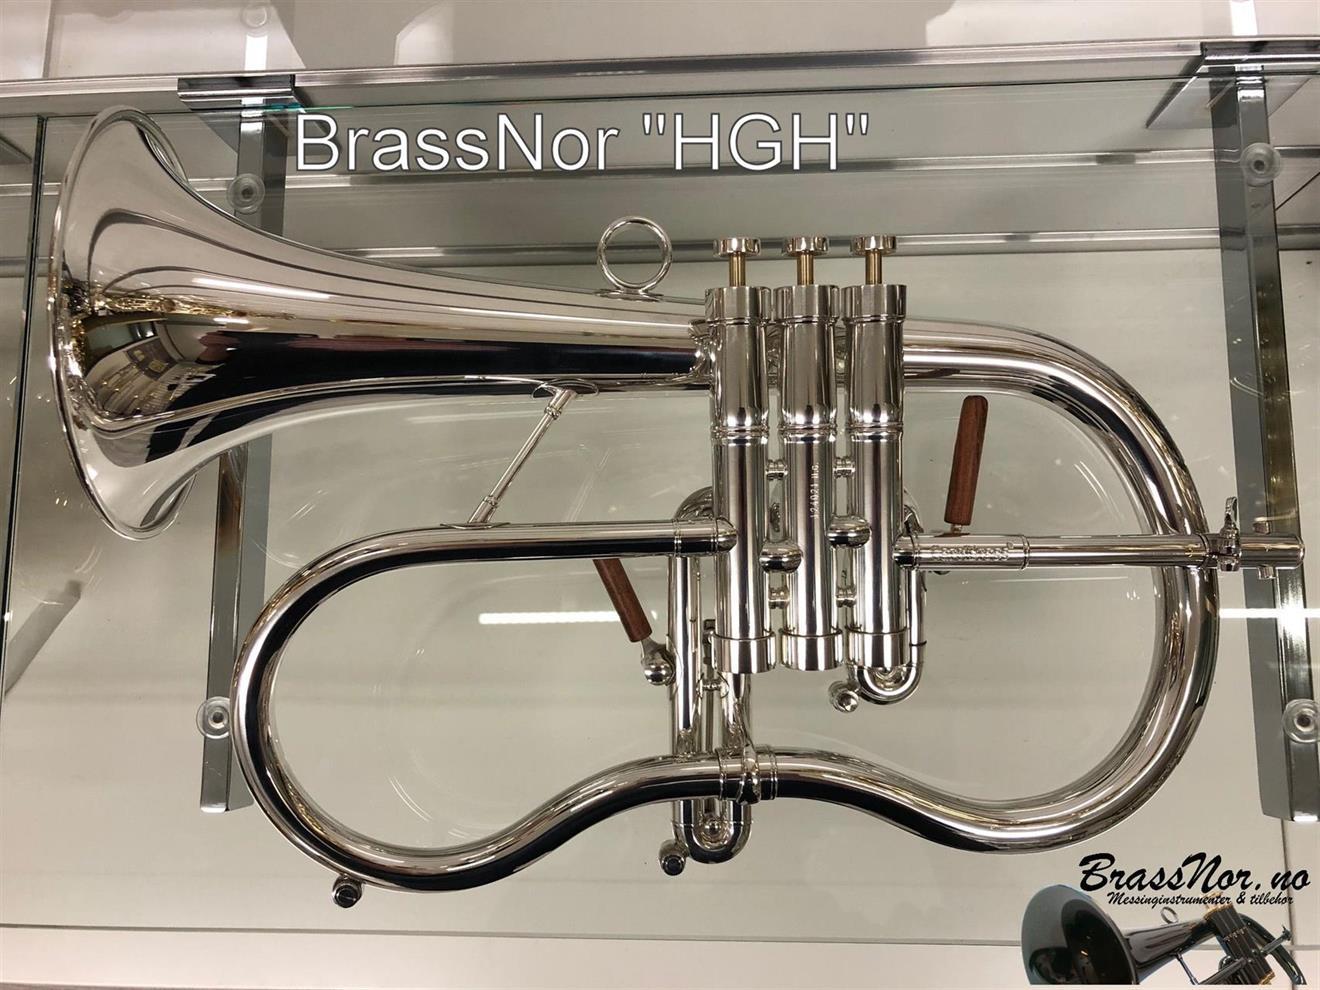 BrassNor HGH flugelhorn sølv